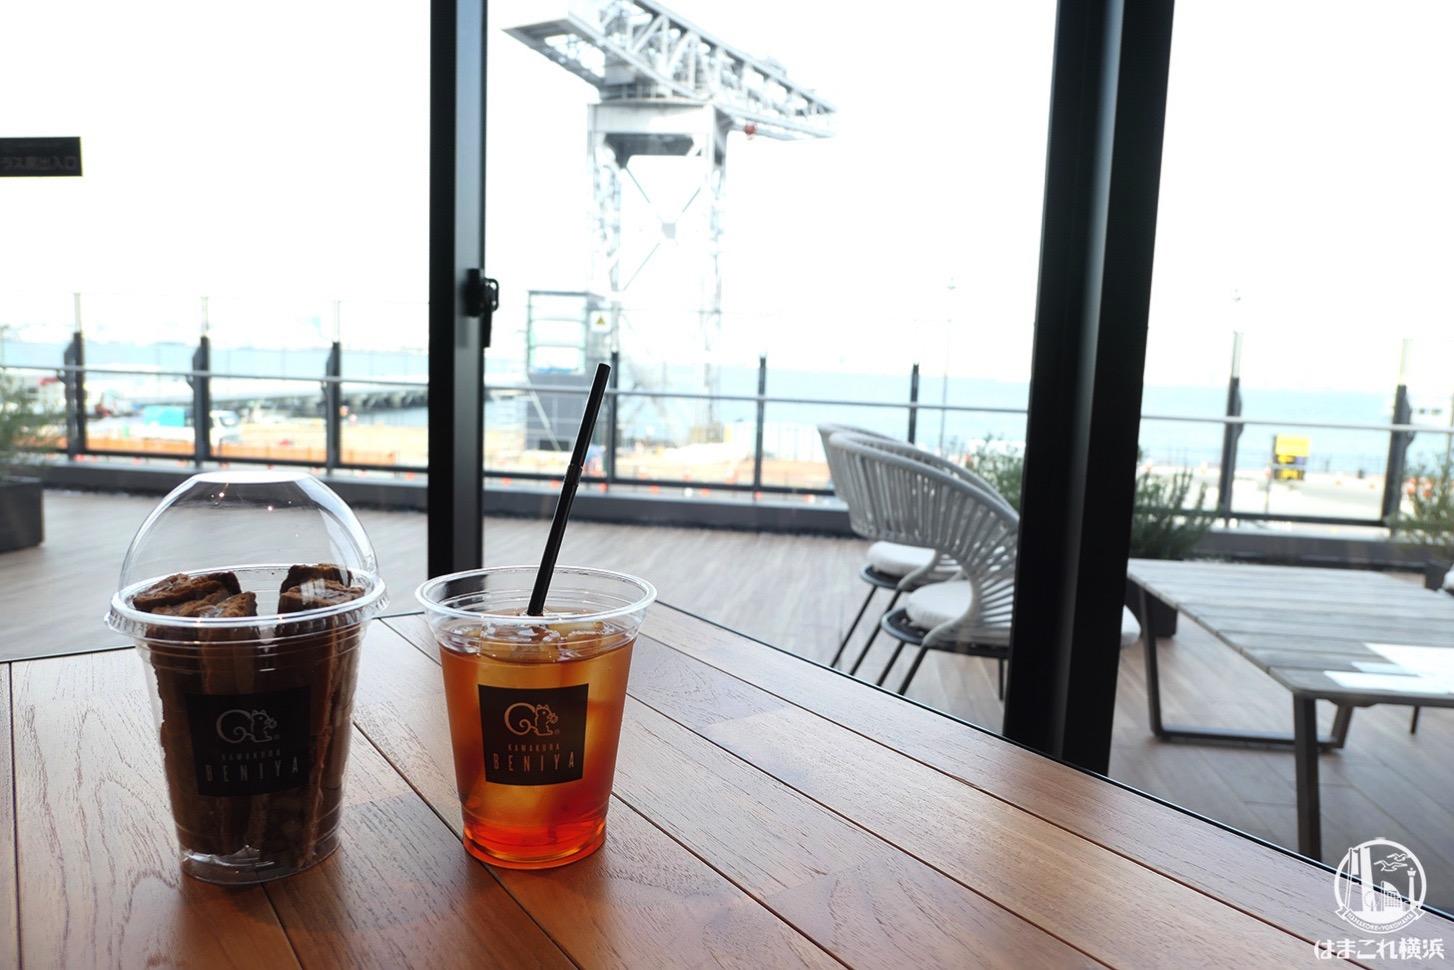 横浜ハンマーヘッド「クルミッ子ファクトリー」店内奥のカフェからの景色